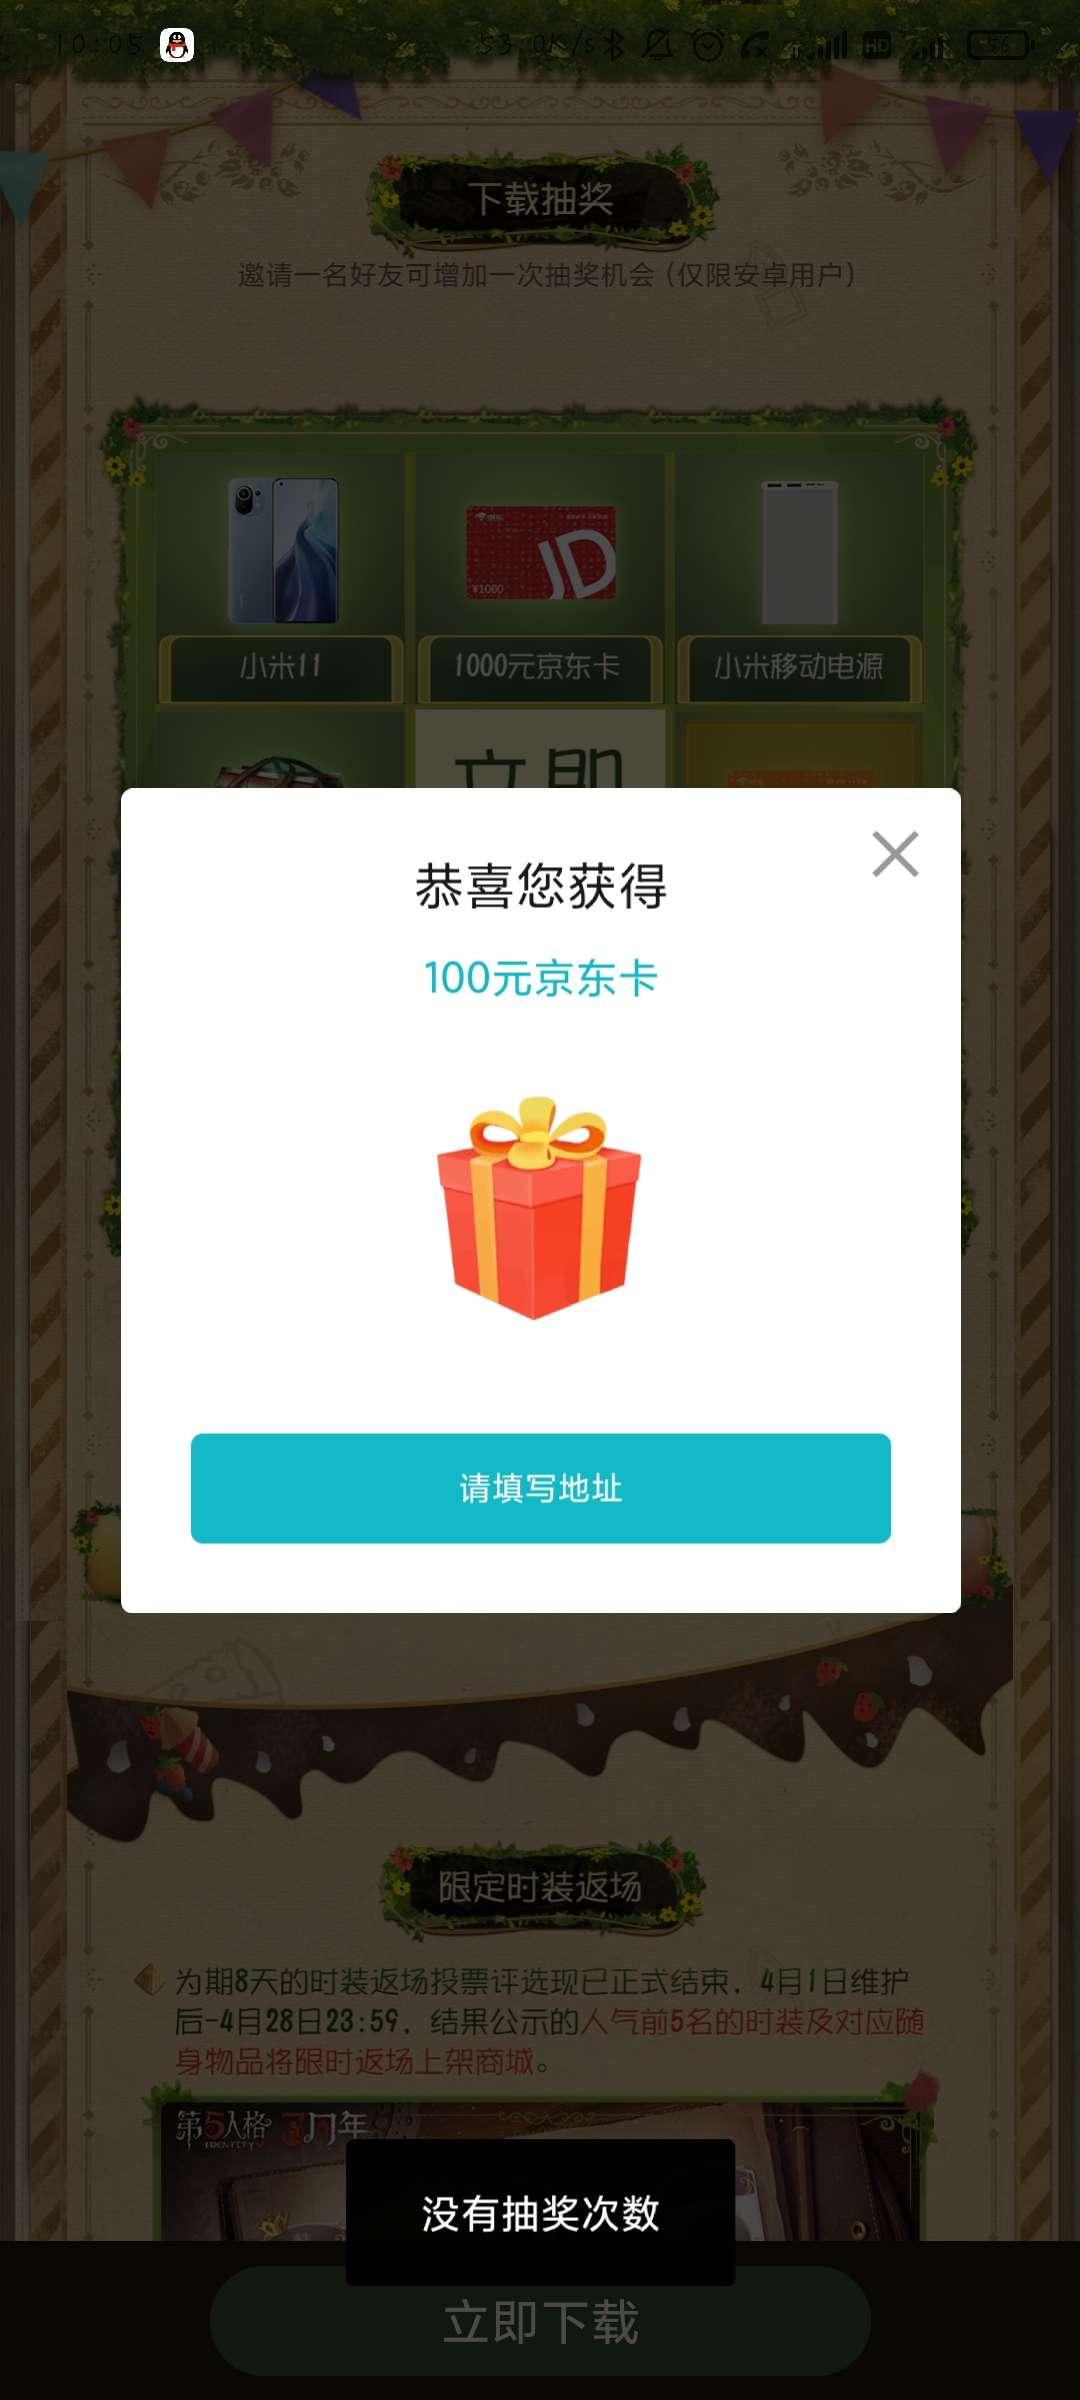 小米游戏中心,福利,第五人格点下载在点取消就可以抽奖了